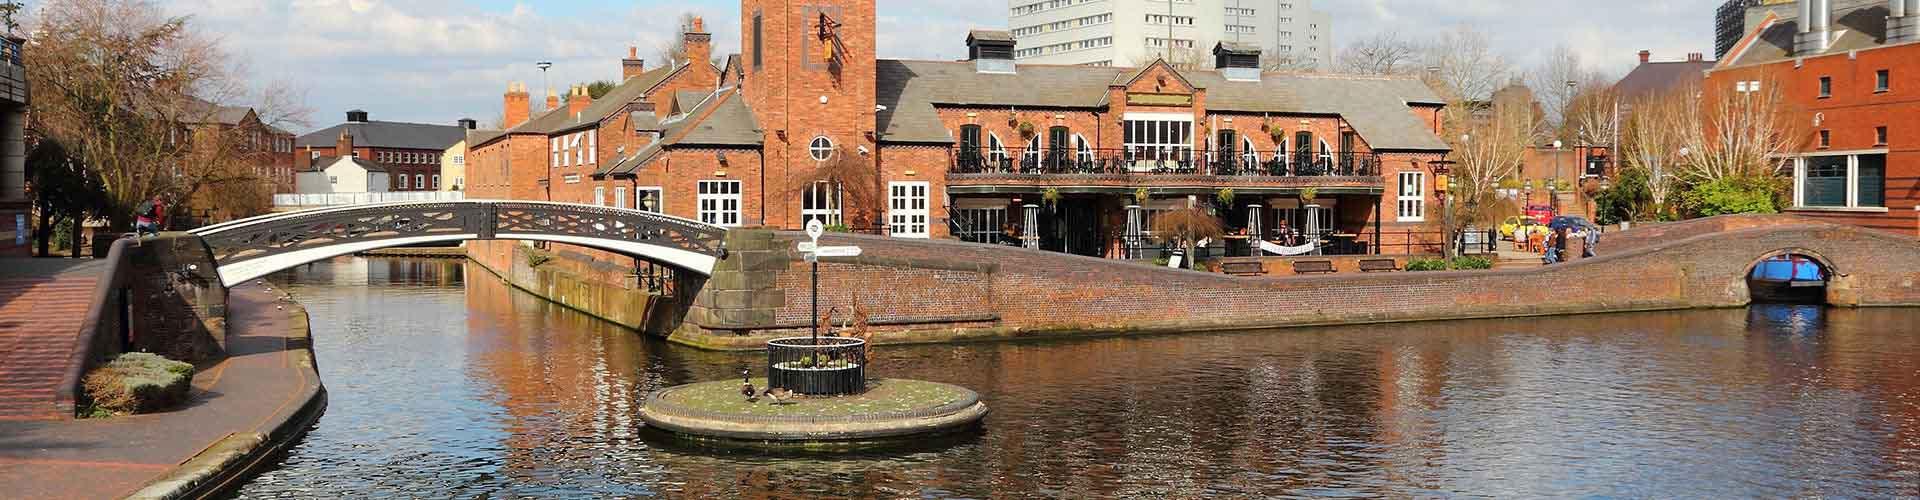 Birmingham - Apartamenty w mieście Birmingham, Mapy miasta Birmingham, Zdjęcia i Recenzje dla każdego Apartamentu w mieście Birmingham.